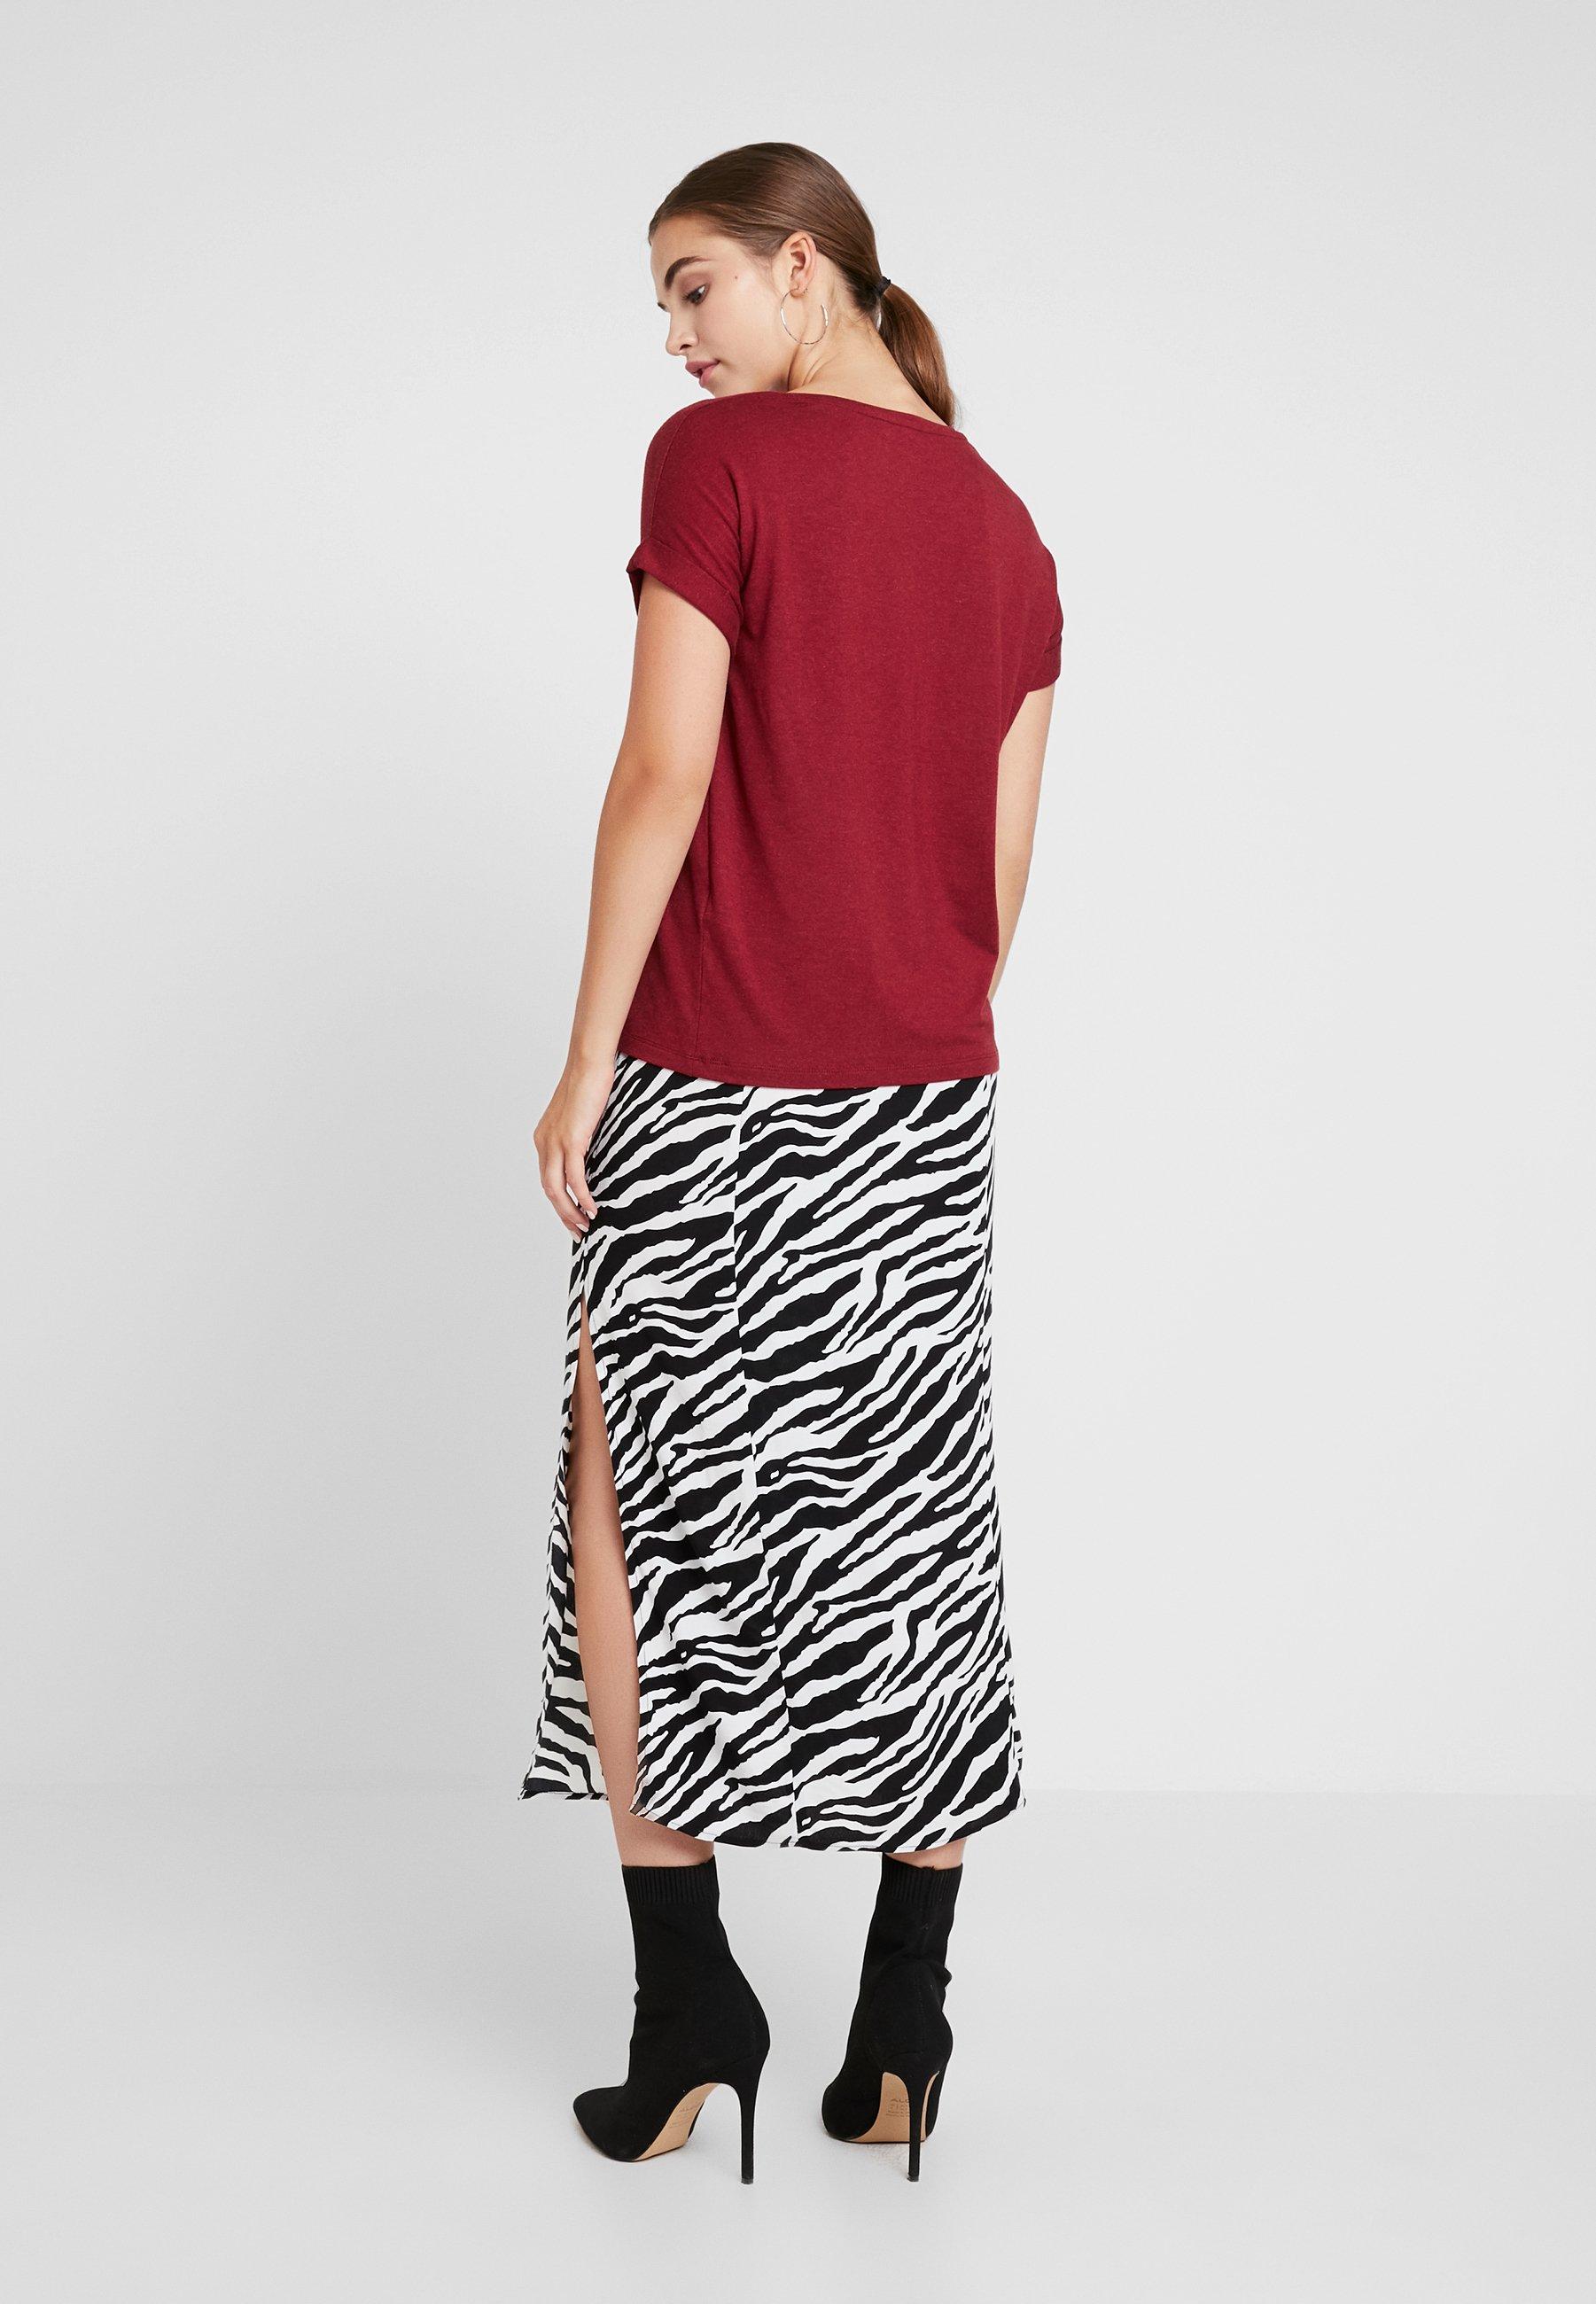 Longue Zebra Selfridge White SkirtJupe Column Miss shoCxrdtQB